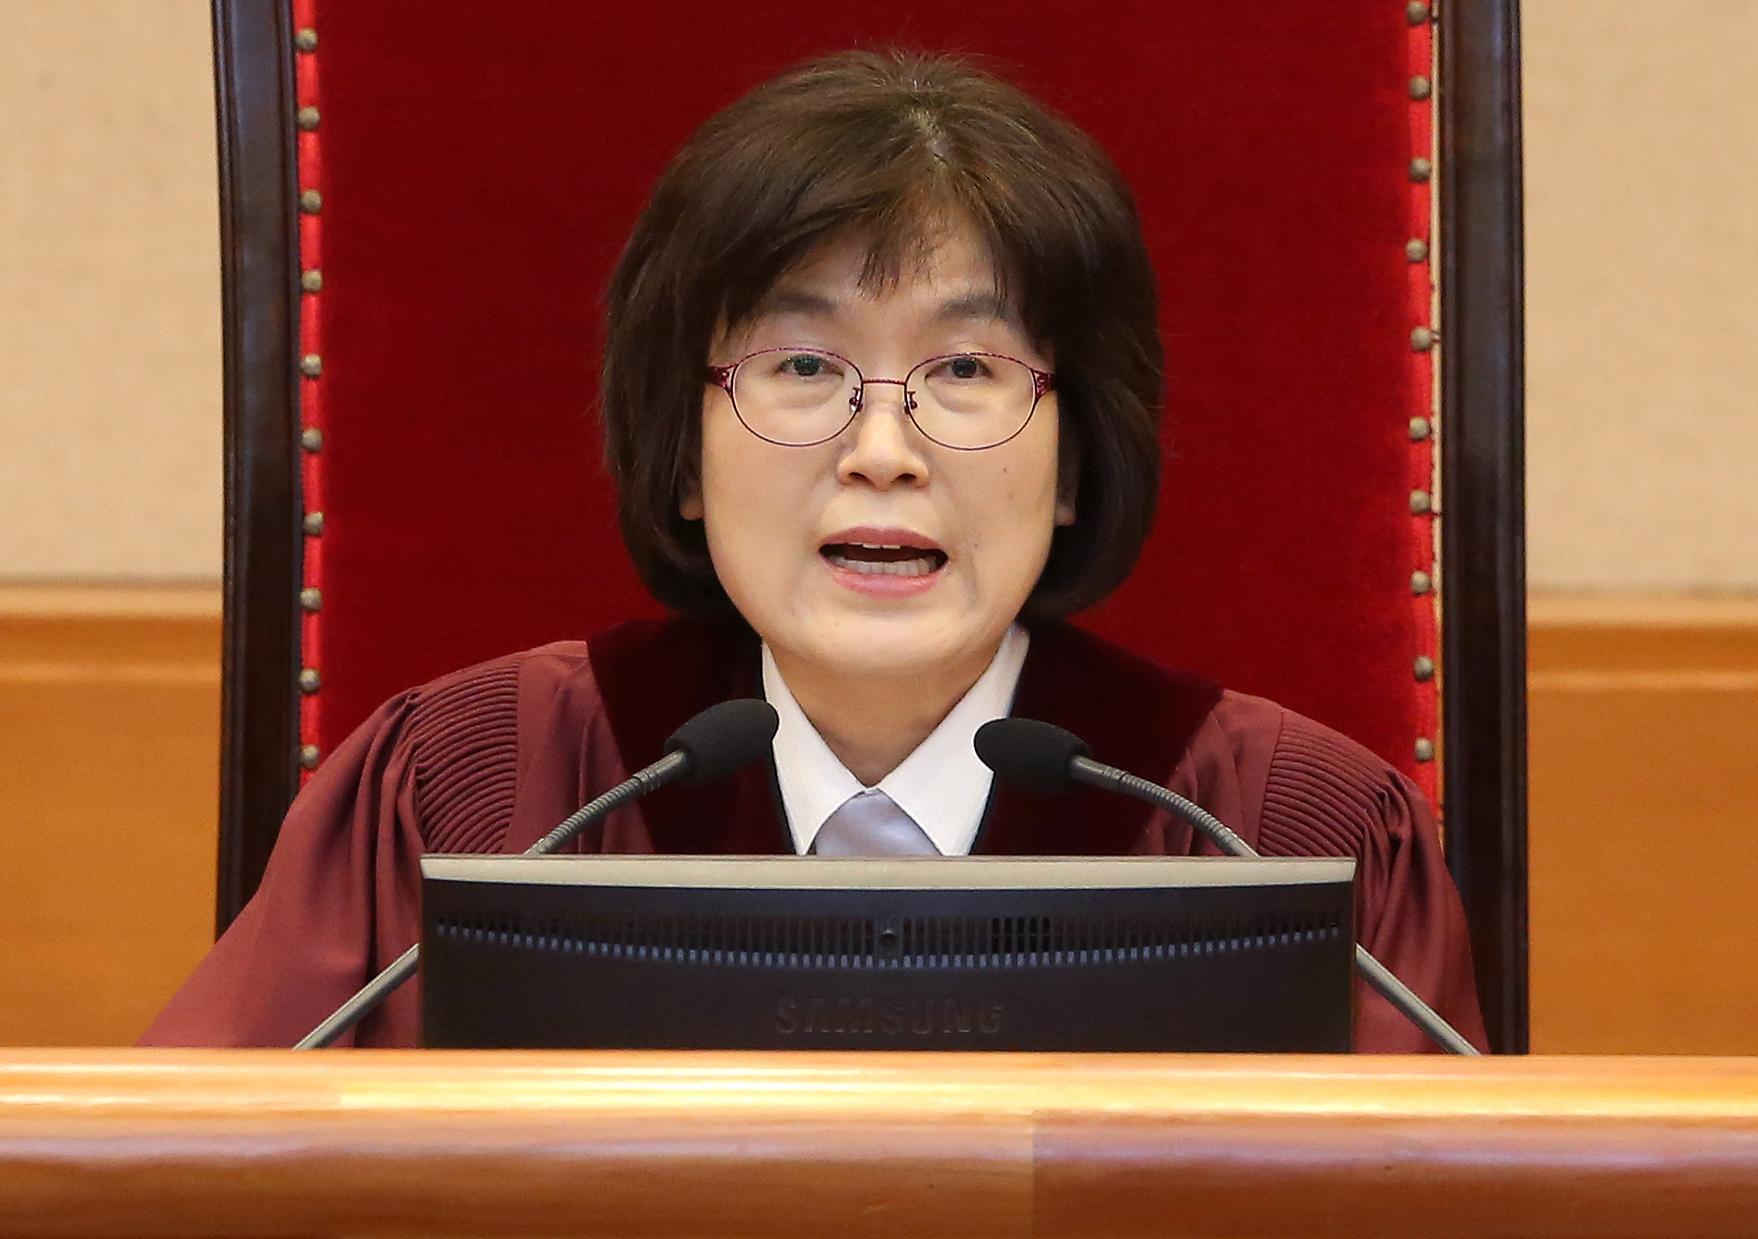 지난 2017년 3월 27일 오후 서울 종로수 헌법재판소에서 열린 박근혜 대통령 탄핵심판사건 최종변론기일에서 이정미 헌법재판소 권한대행이 변론을 진행하고 있다. [사진공동취재단]